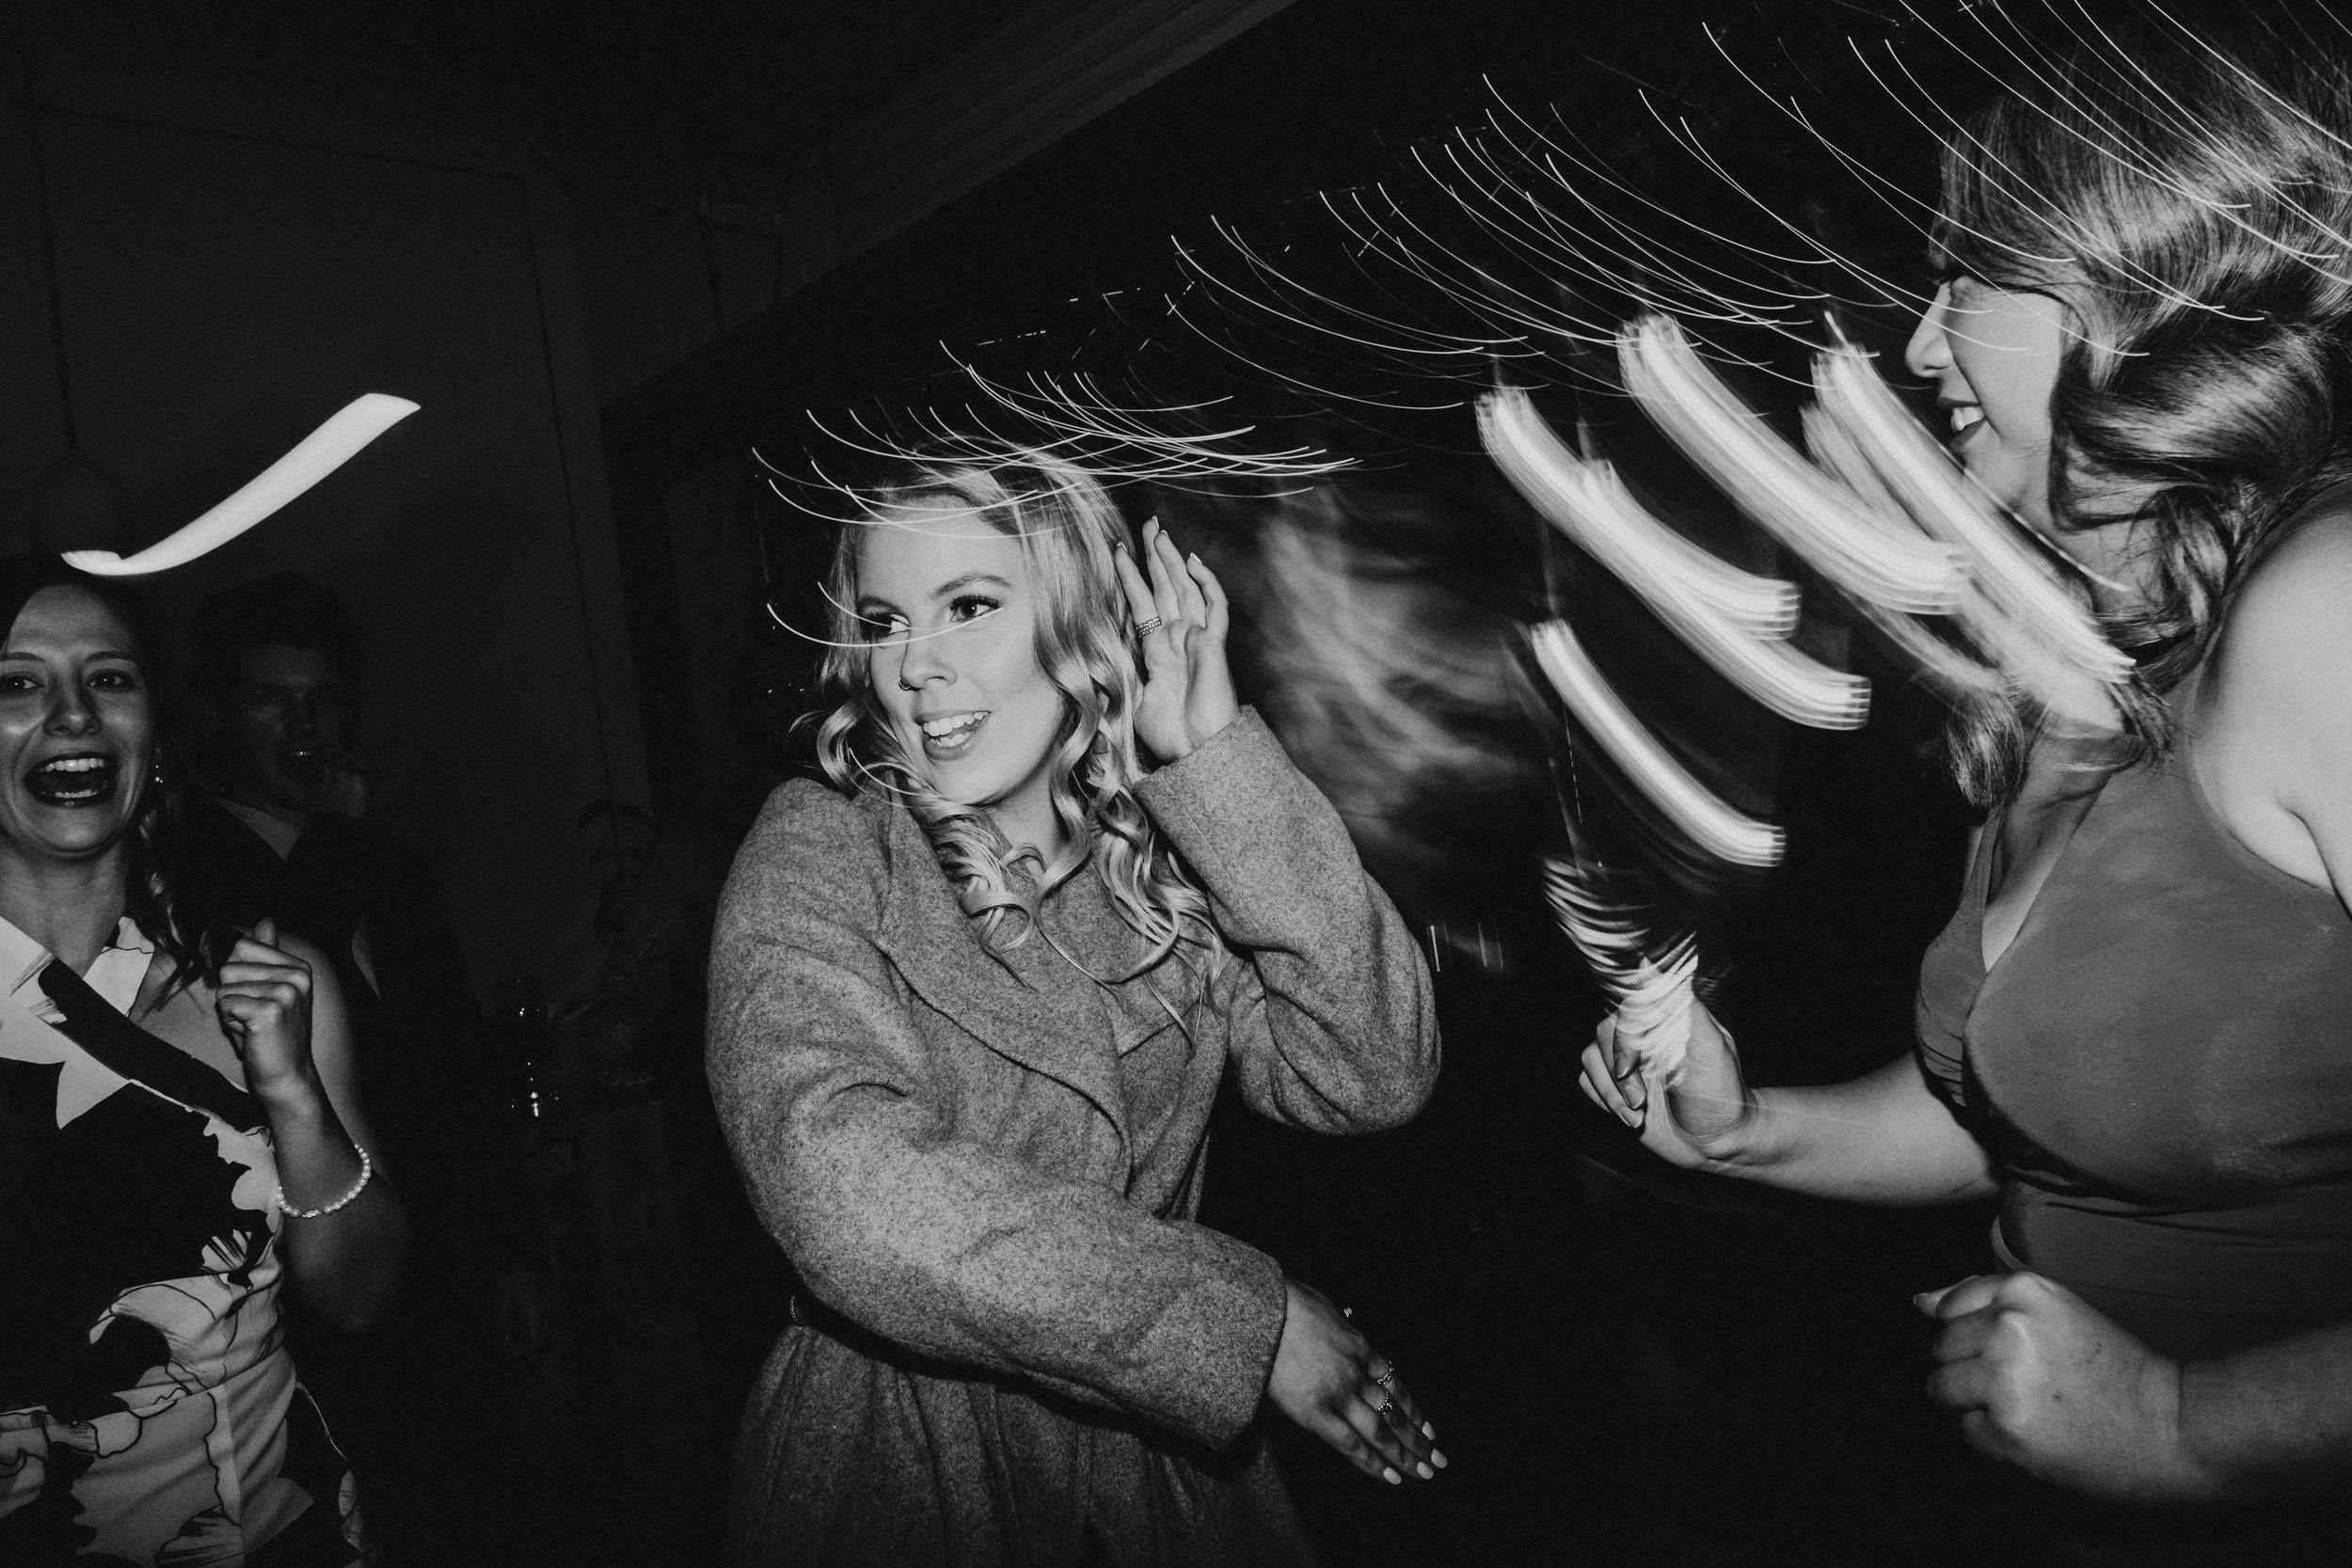 Wedding guests dancing the Macarena